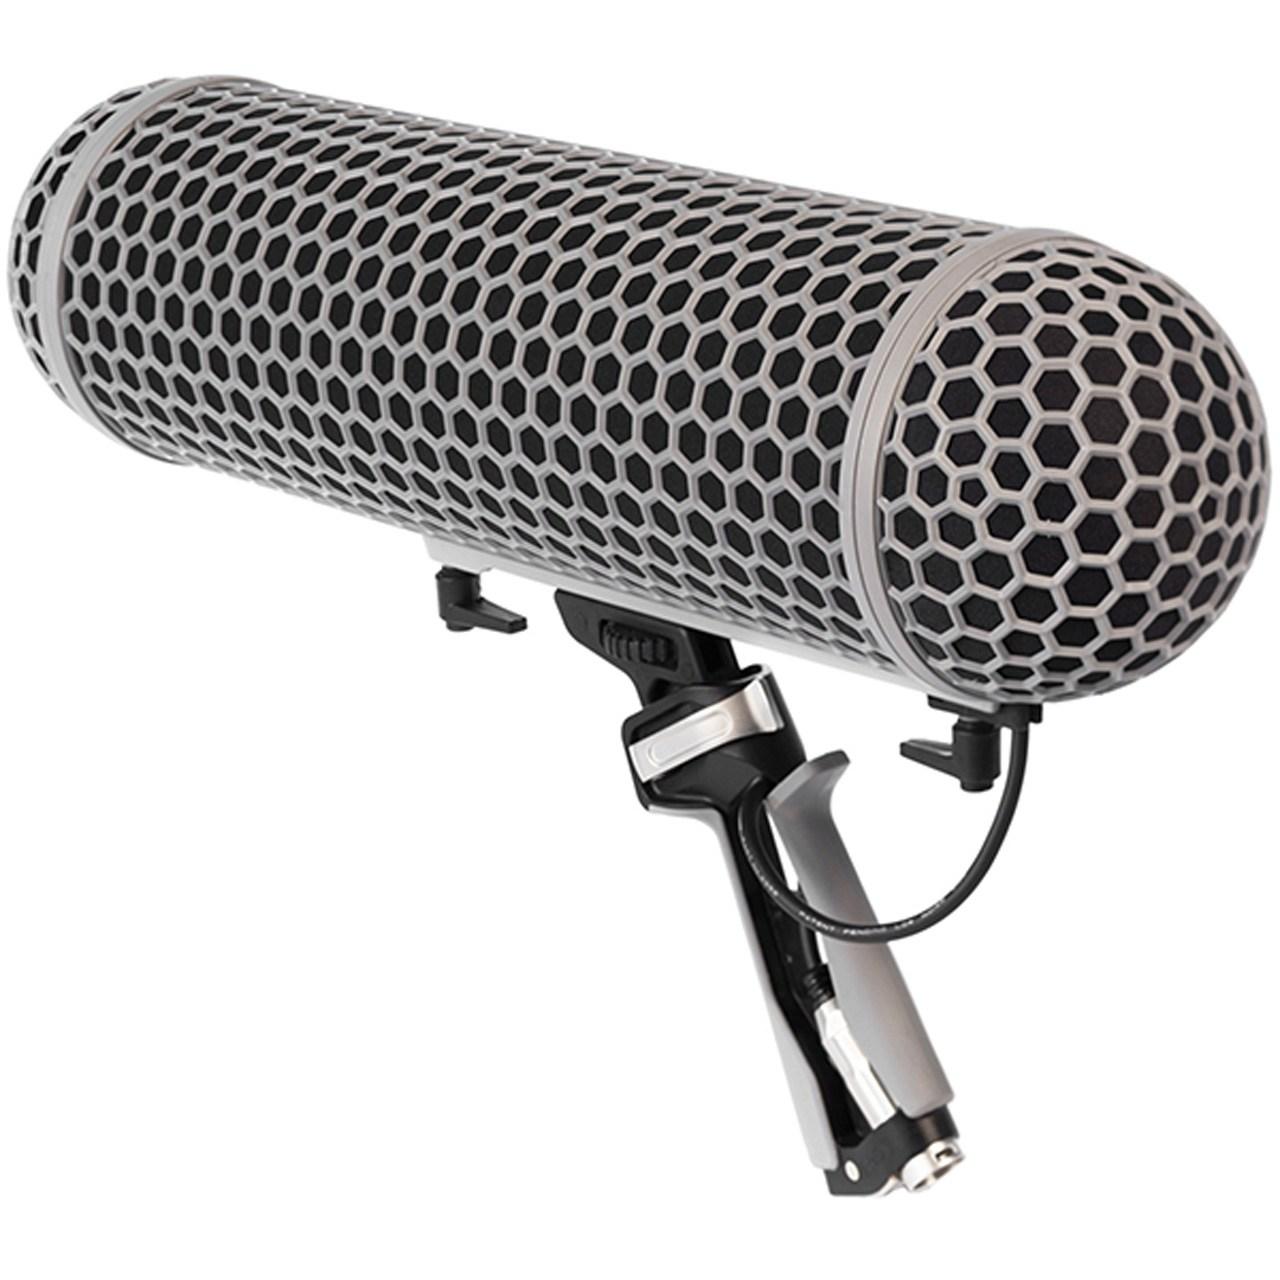 محافظ ضد باد میکروفون دوربین رود  مدل Blimp Rycote